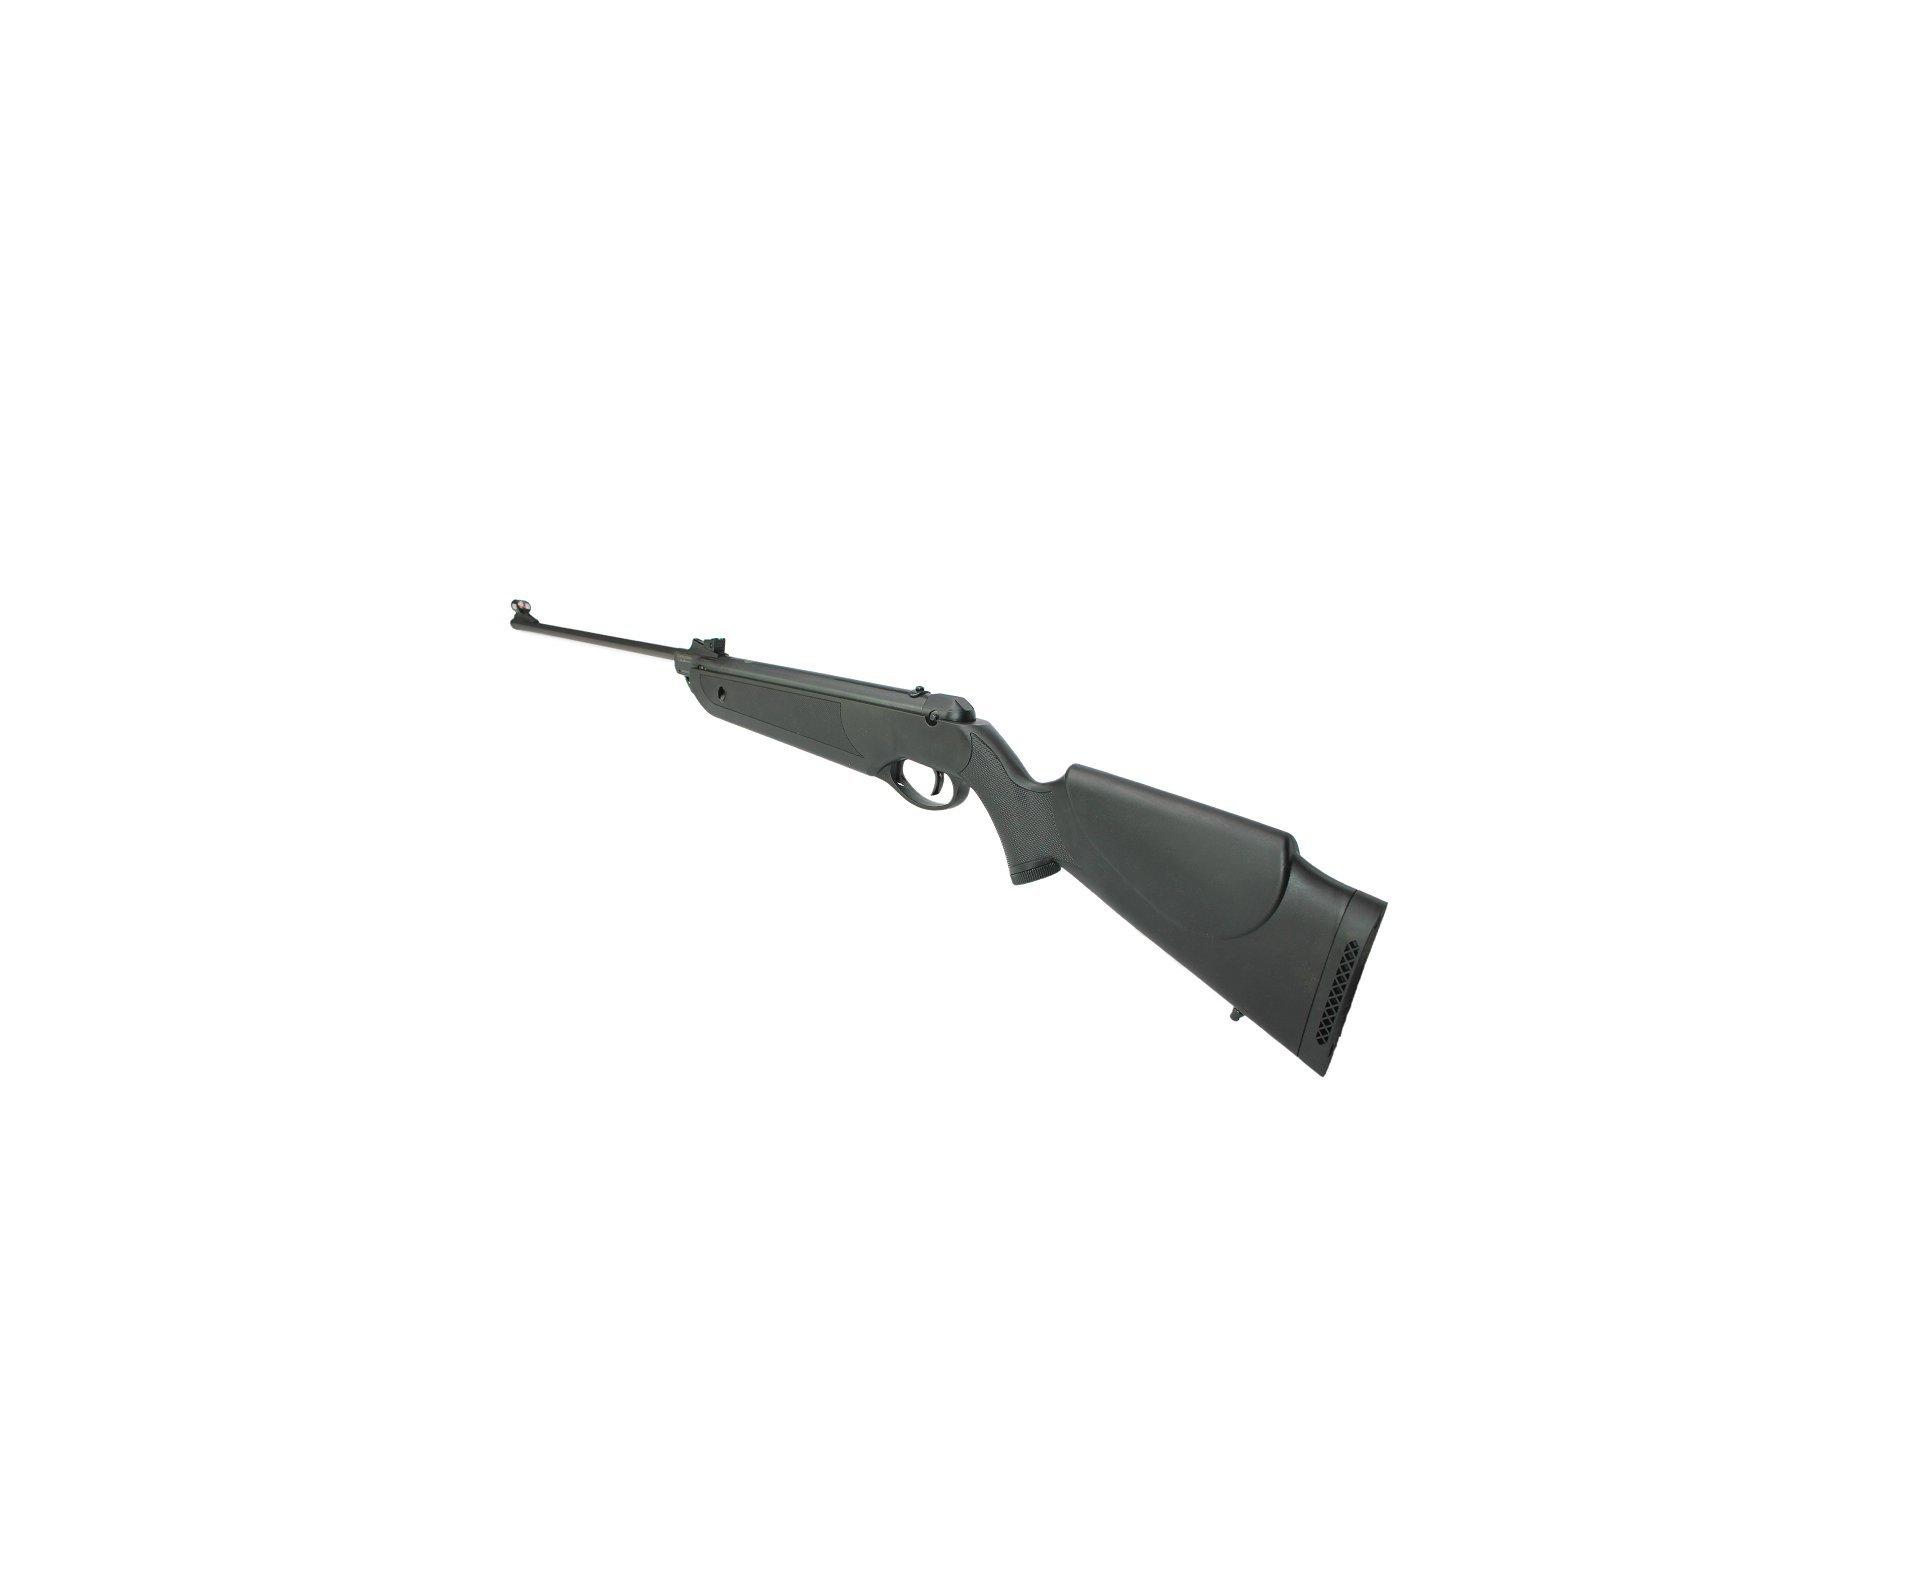 Carabina De Pressão Nova Dione Black Cal 4,5mm - 3° Geração + 10 Chumbinhos + Capa 45 - Rossi